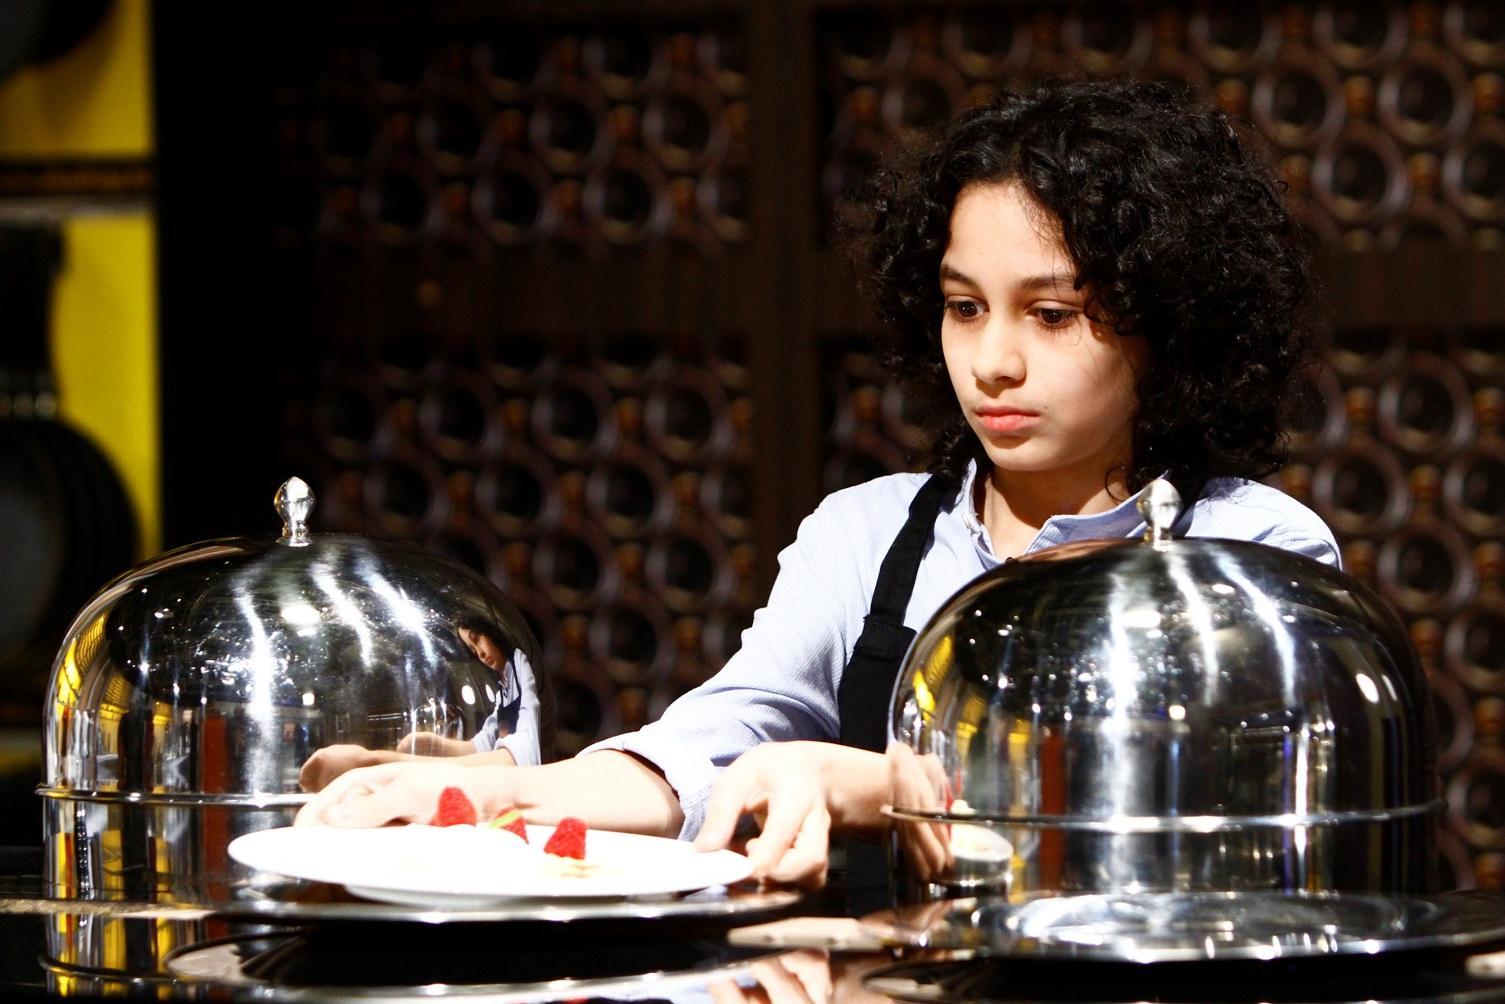 Copilul minune al bucătăriei, la 12 ani vine în fața juraților cu o rețetă a lui chef Dumitrescu